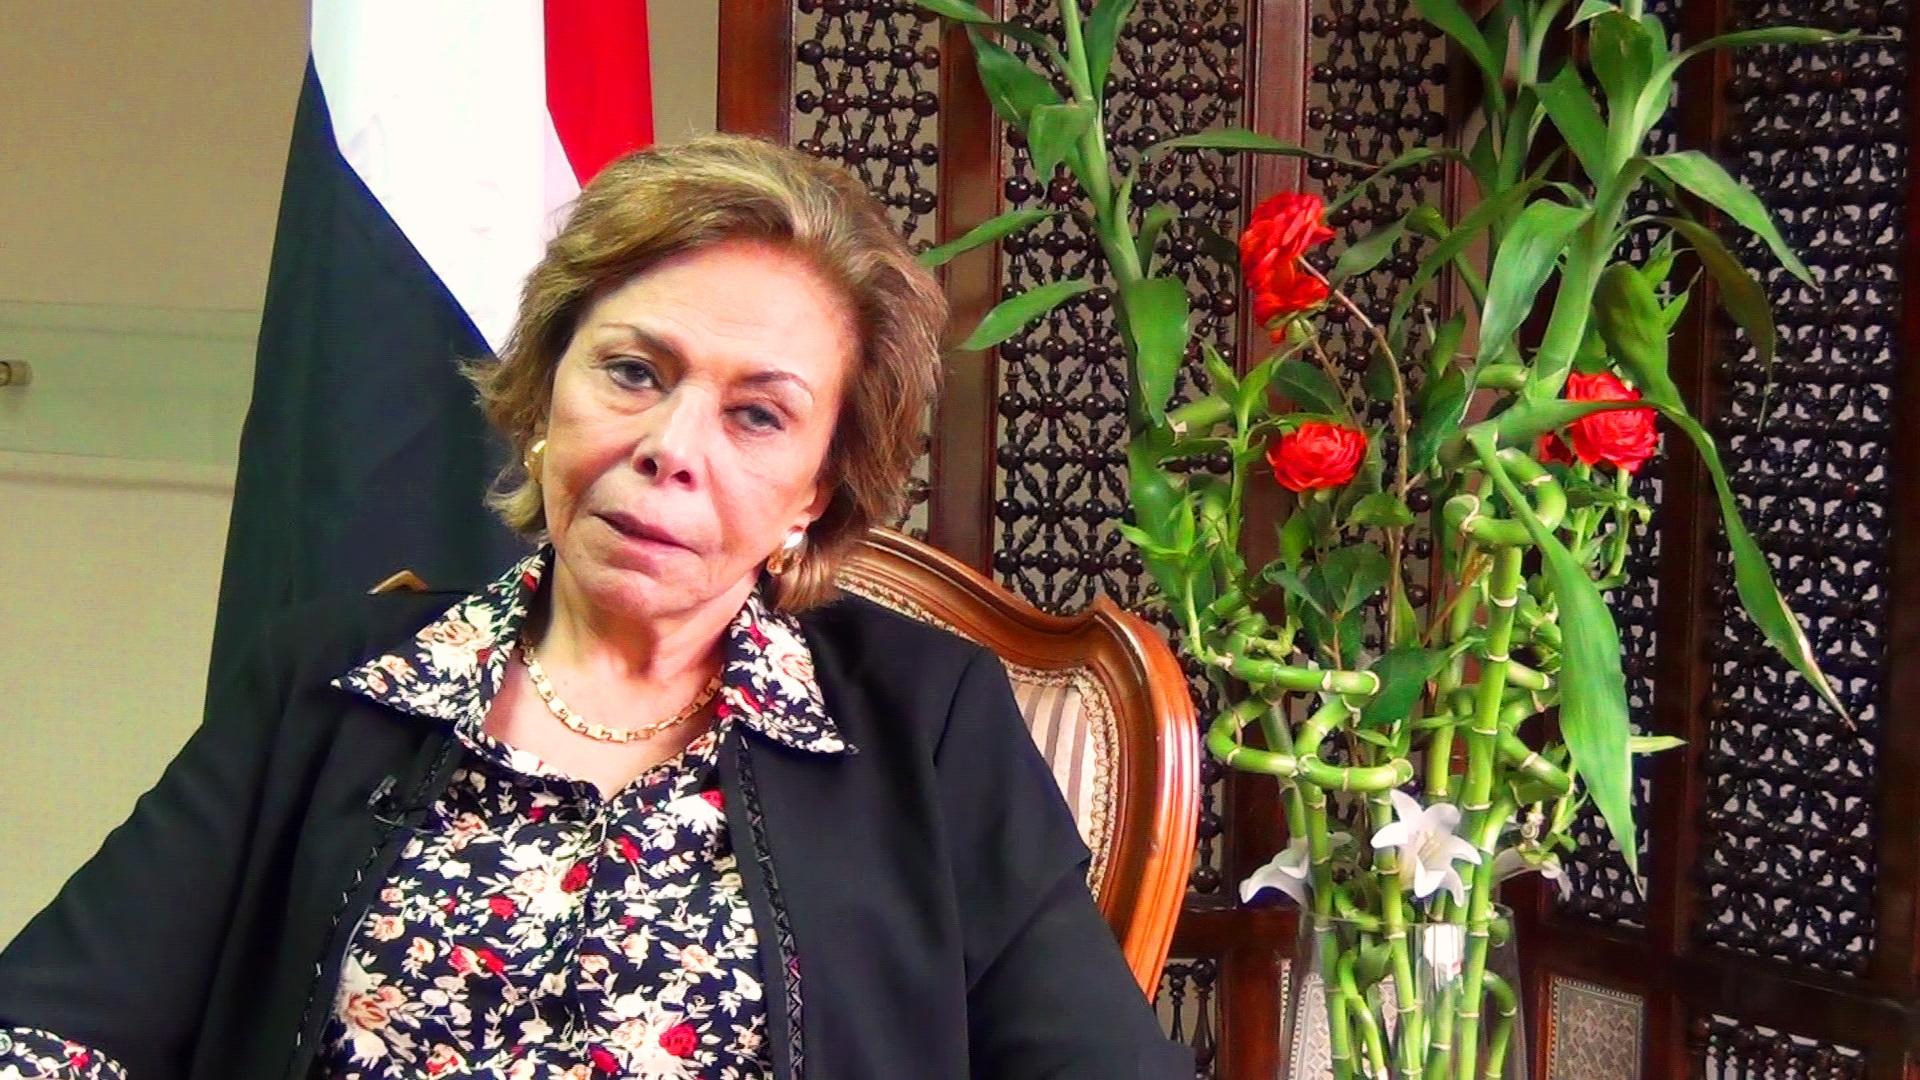 مرفت التلاوي: المجلس القومي للمرأة هوجم فقط لأن رئيسته كانت سوزان مبارك